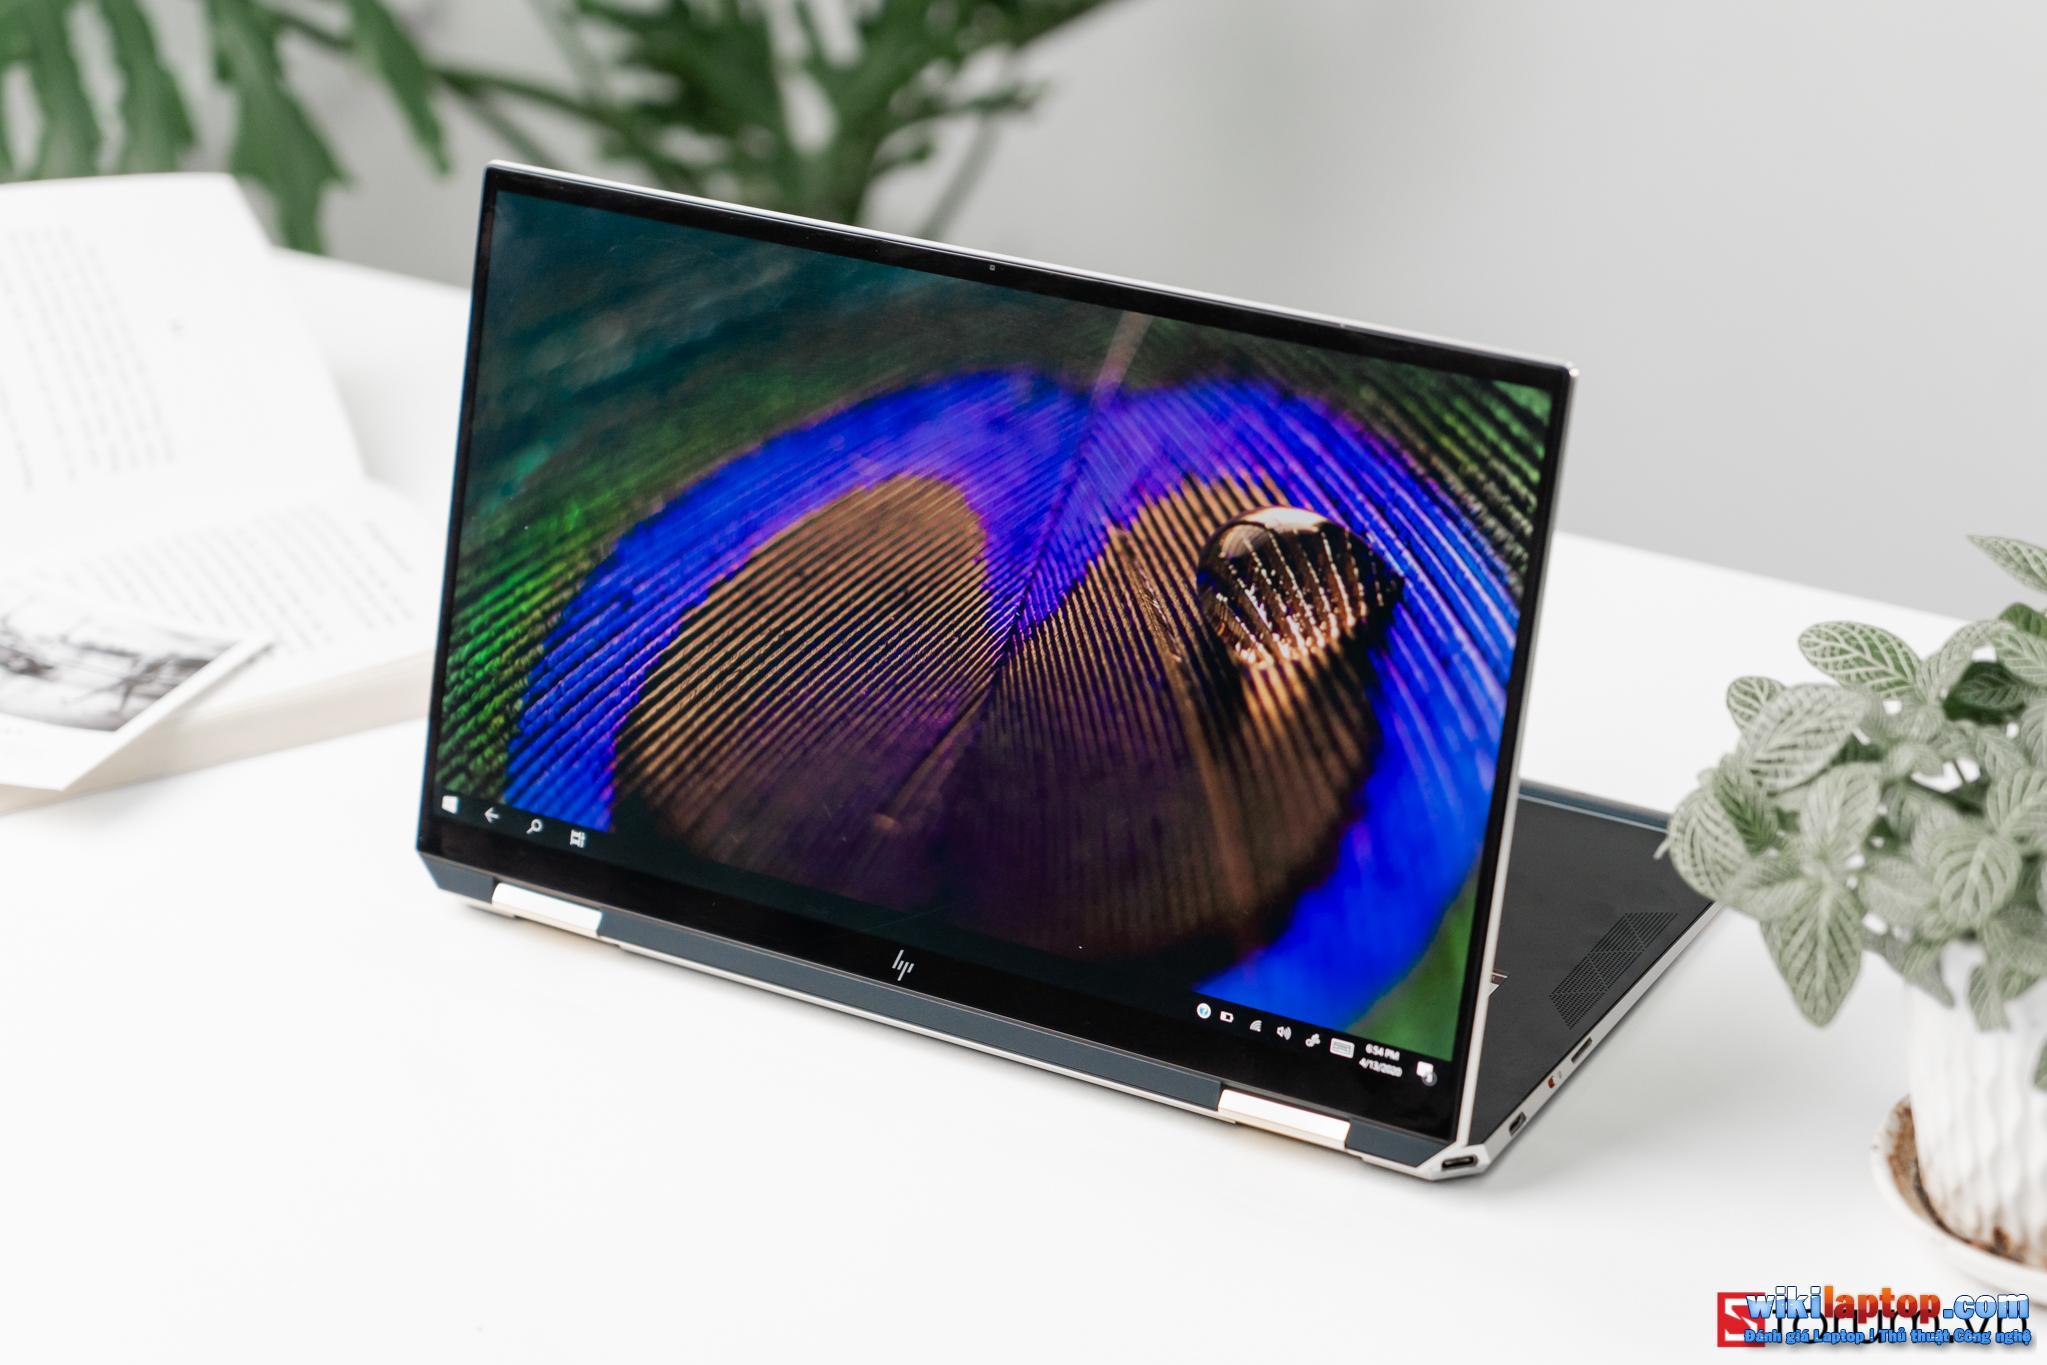 Sforum - Trang thông tin công nghệ mới nhất CPS-HP-Specter-X360-13-39 Đánh giá chi tiết HP Spectre x360 13: Cái gì bên trong một chiếc Laptop có giá gần 50 triệu HP?